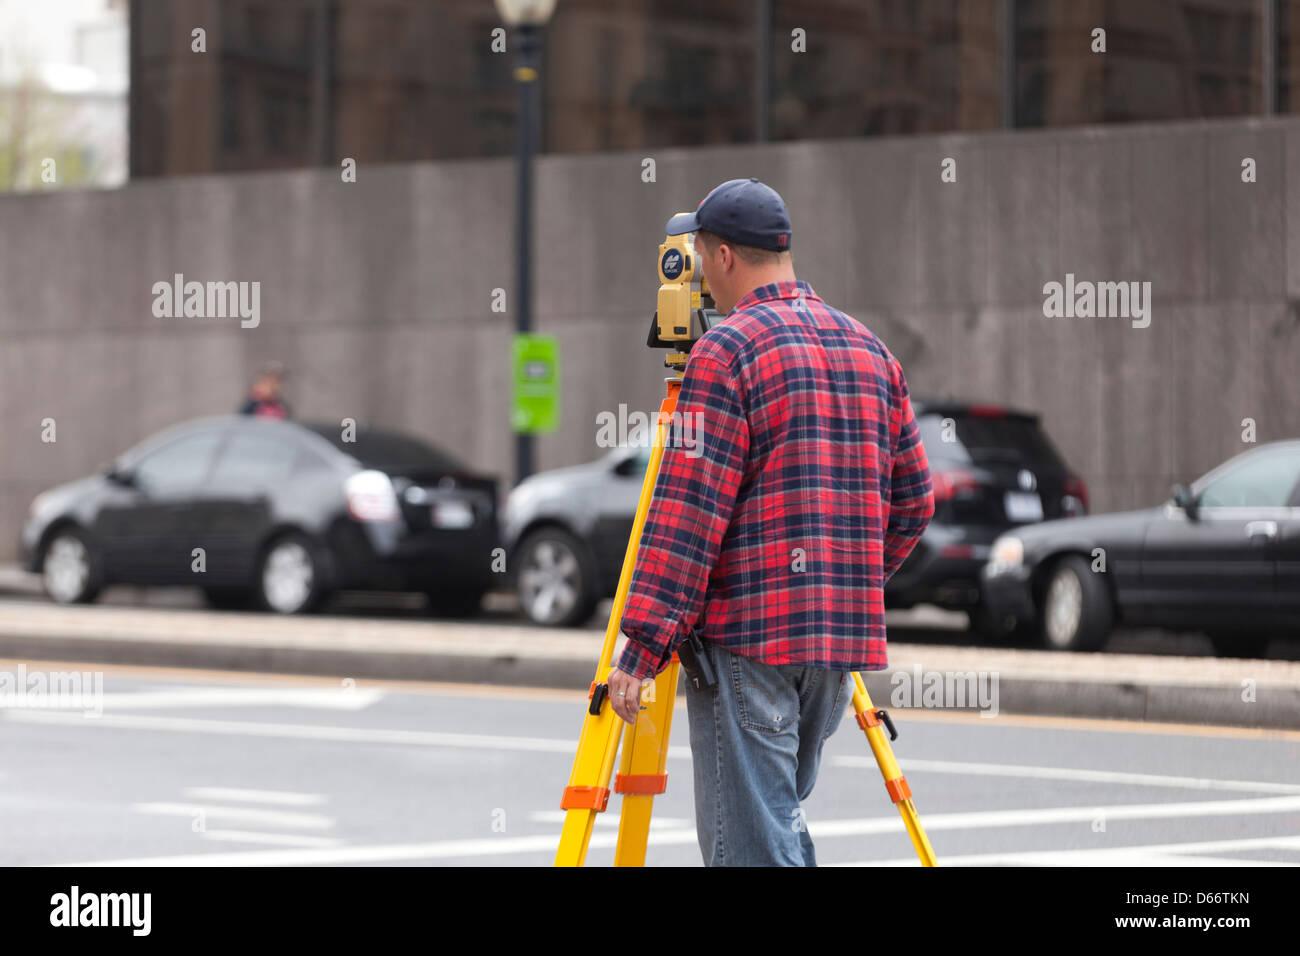 Agrimensor mirando a través de un teodolito digital - EE.UU. Imagen De Stock